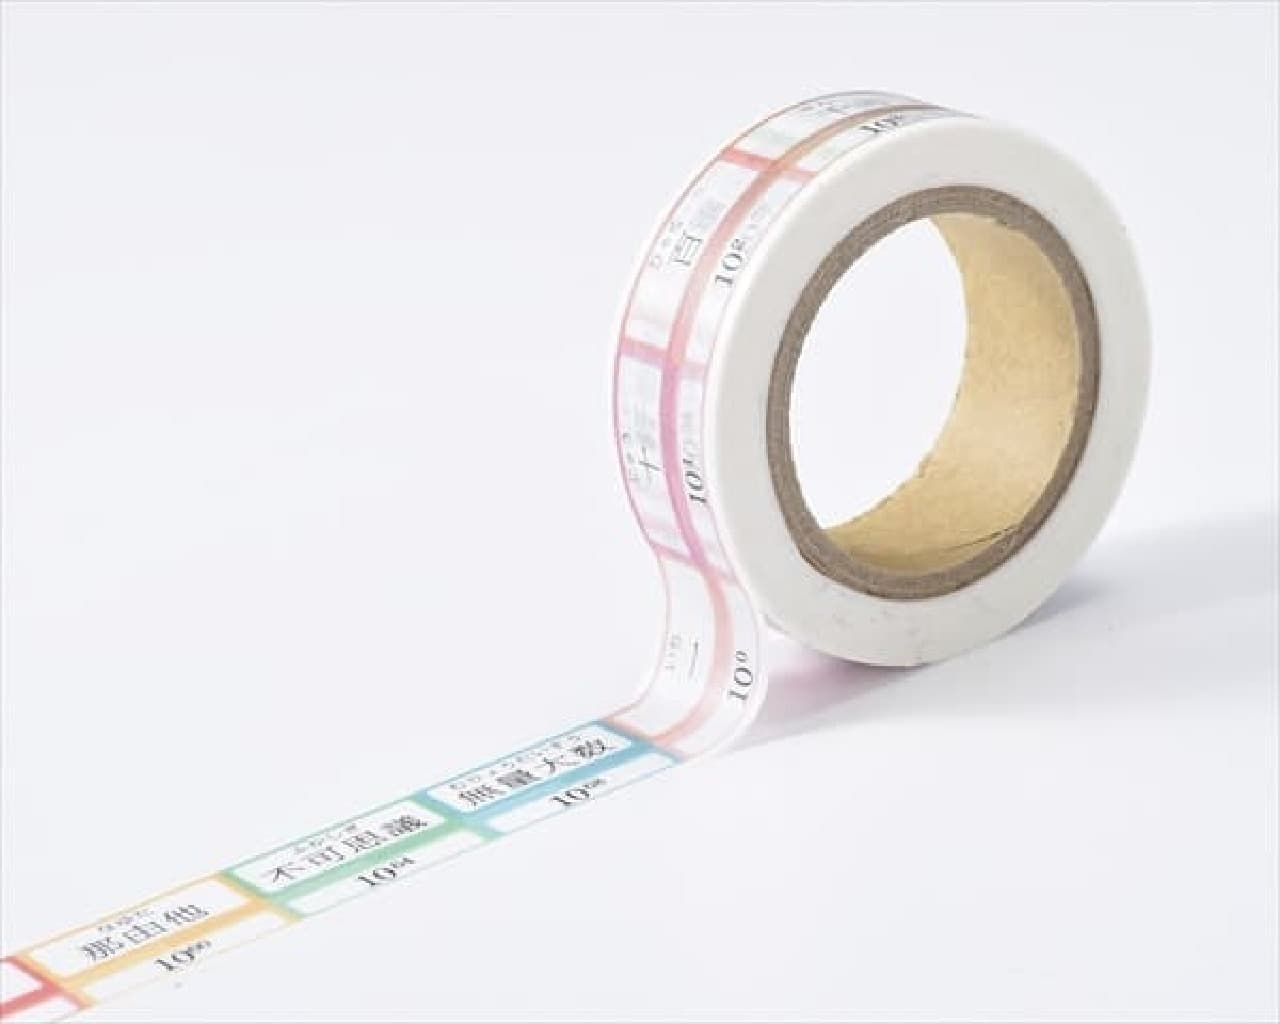 ヴィレッジヴァンガードのマスキングテープ